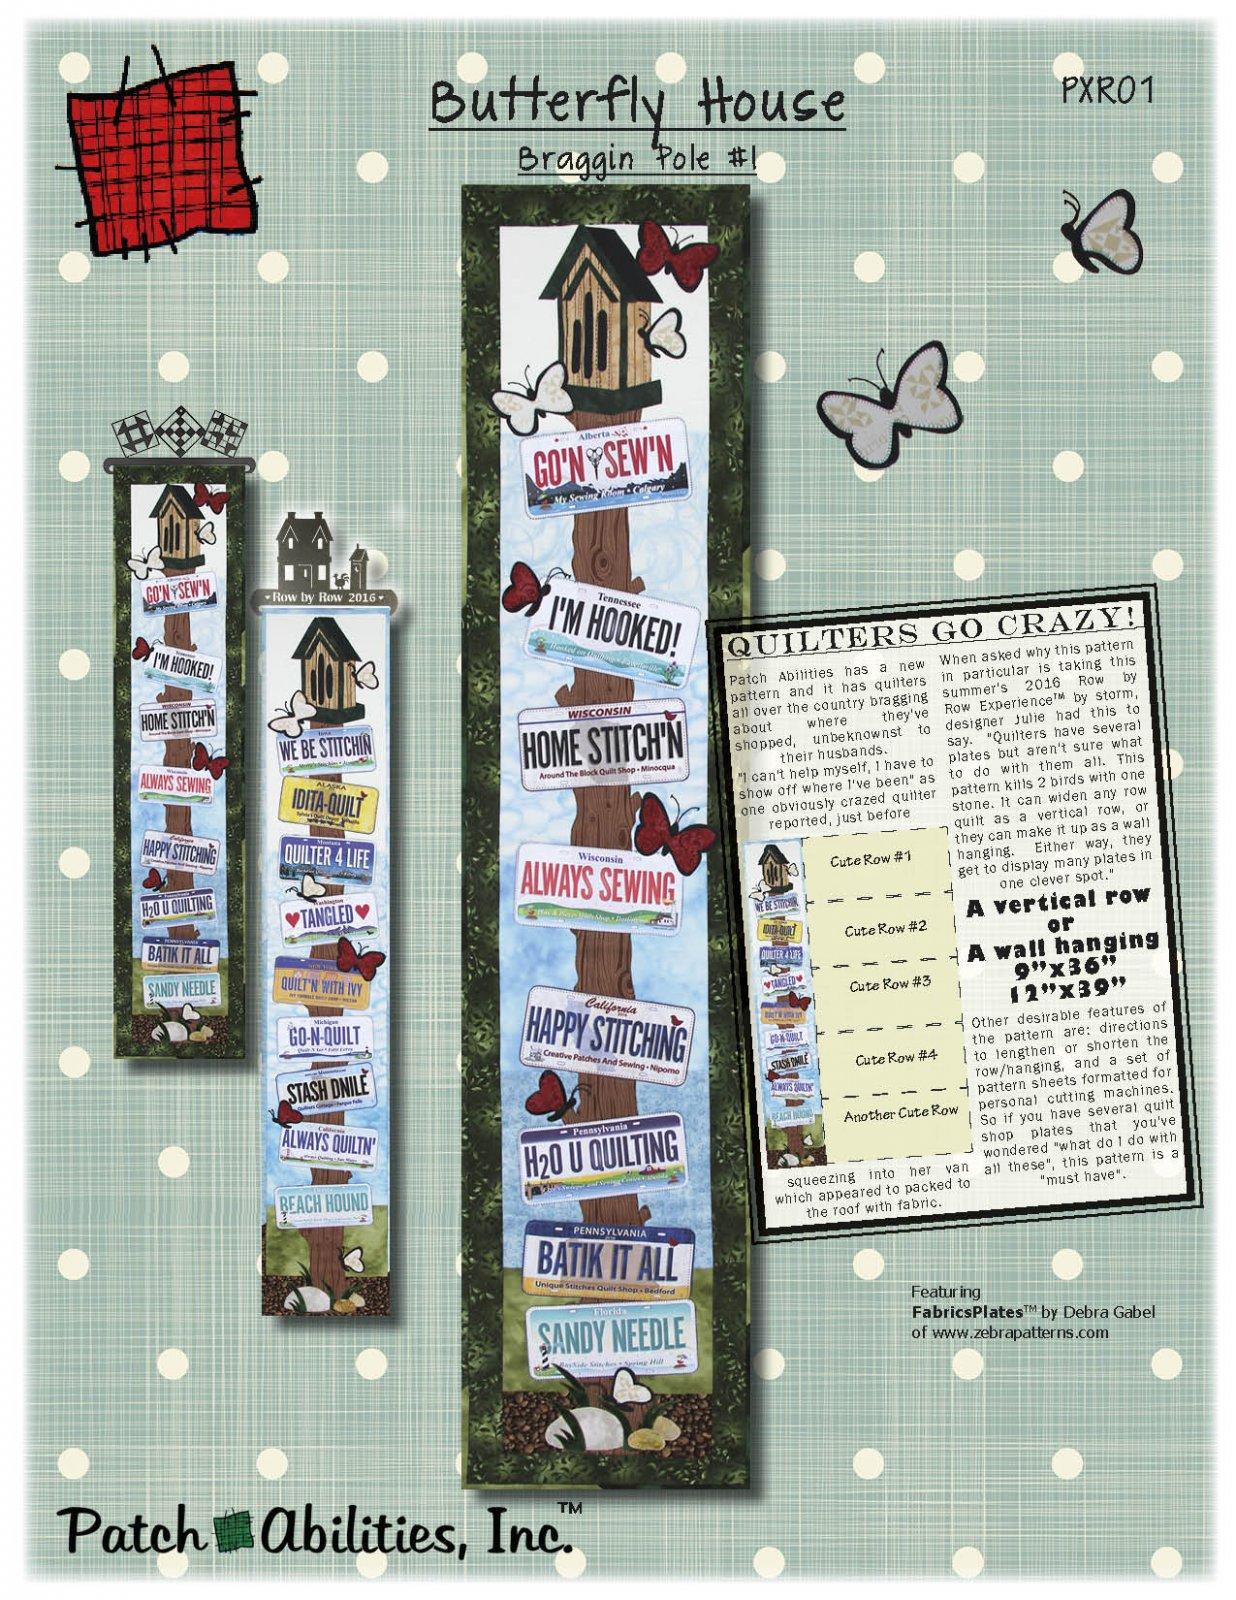 Braggin Pole #1 - Butterfly House